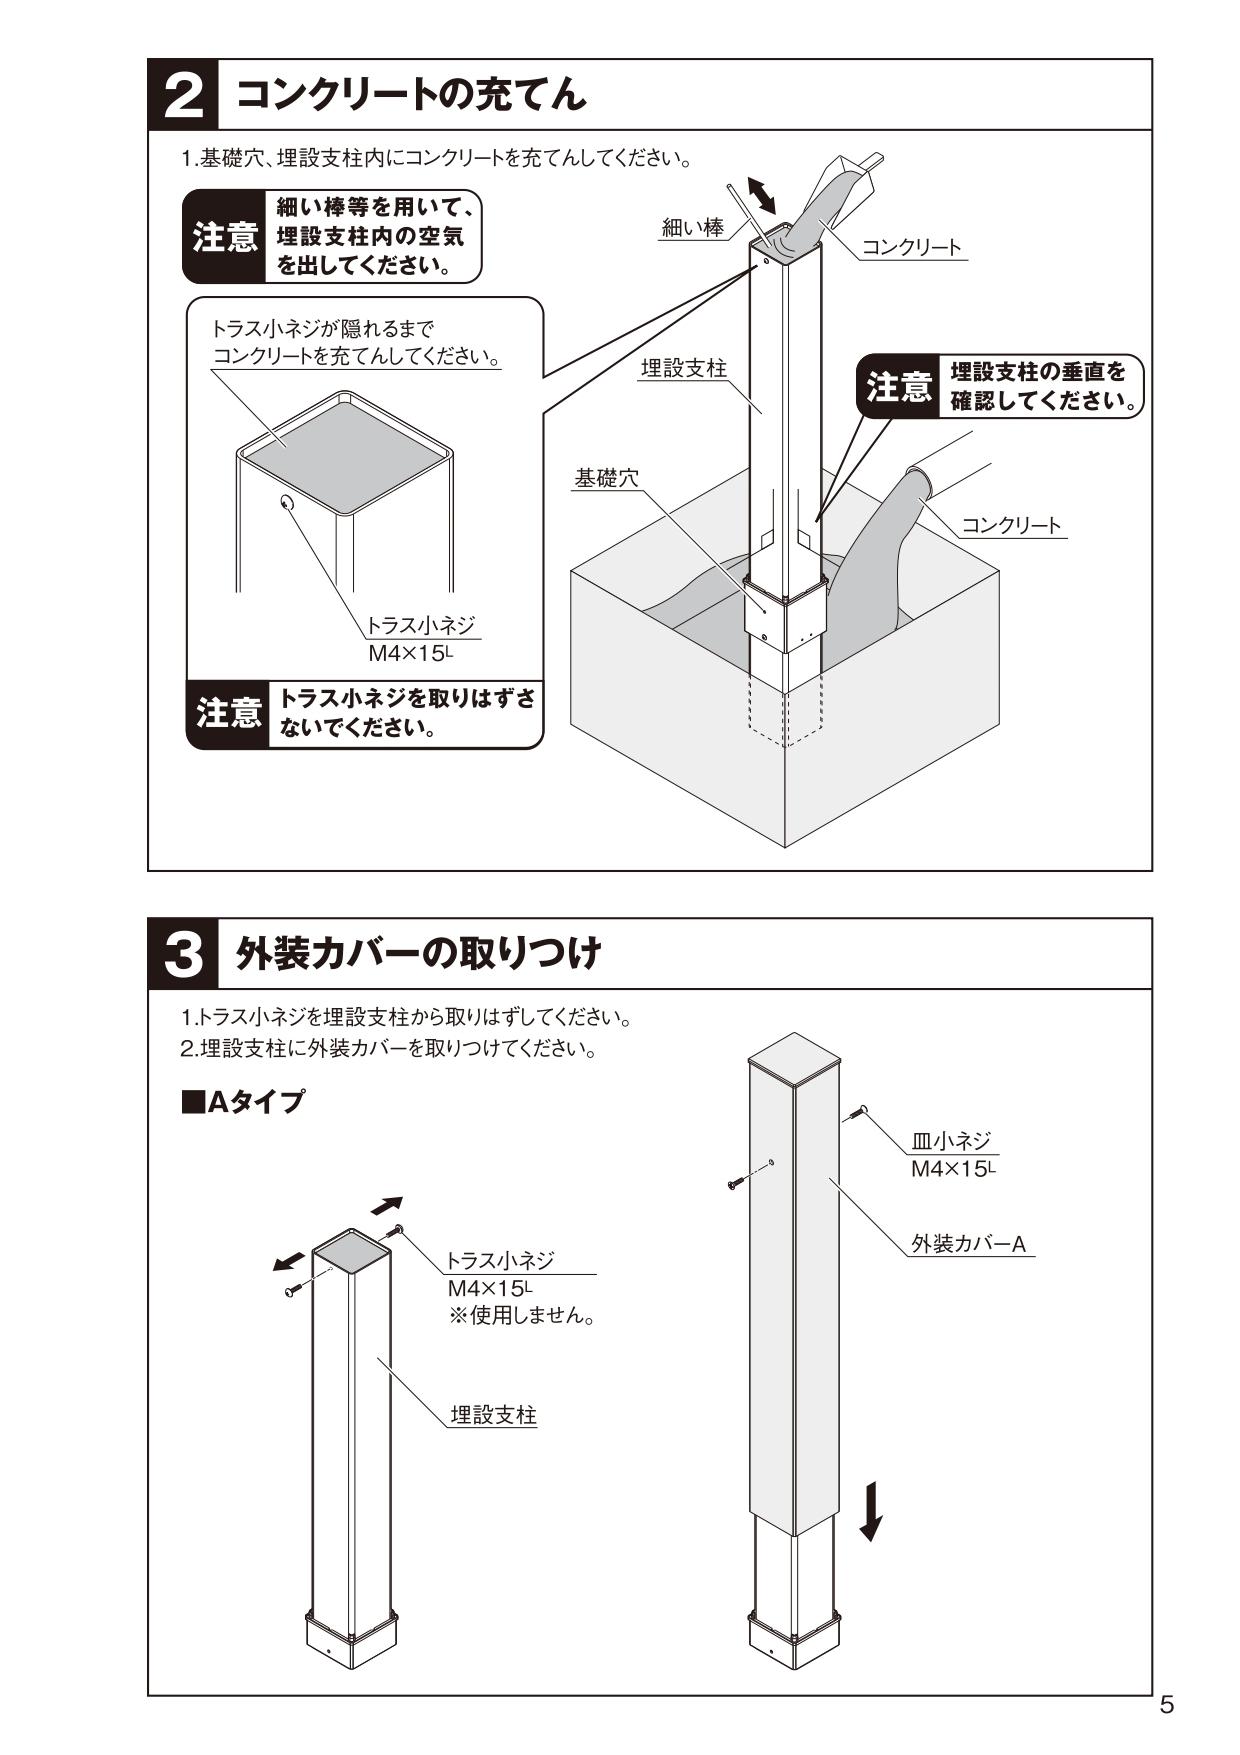 タフポール 施工説明書_page-0005